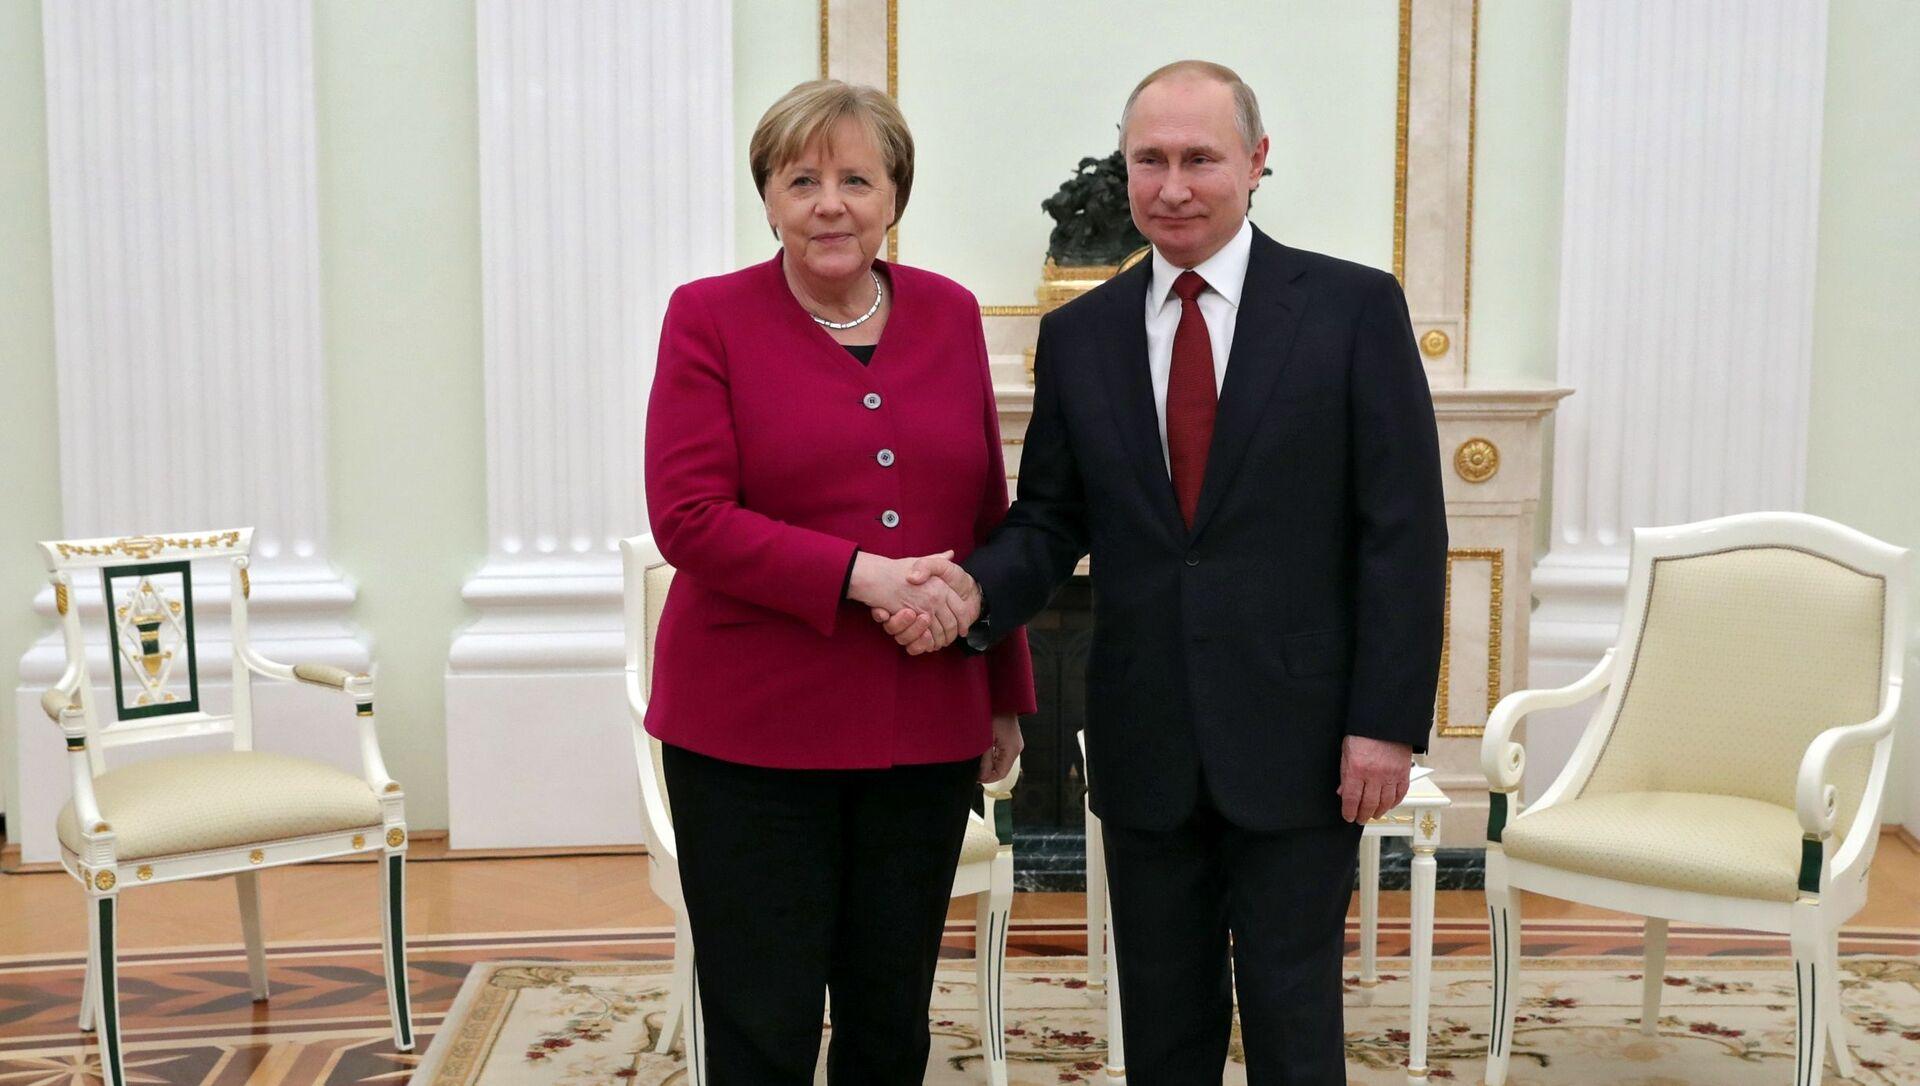 Встреча президента России Владимира Путина с канцлером Германии Ангелой Меркель - Sputnik Азербайджан, 1920, 16.08.2021